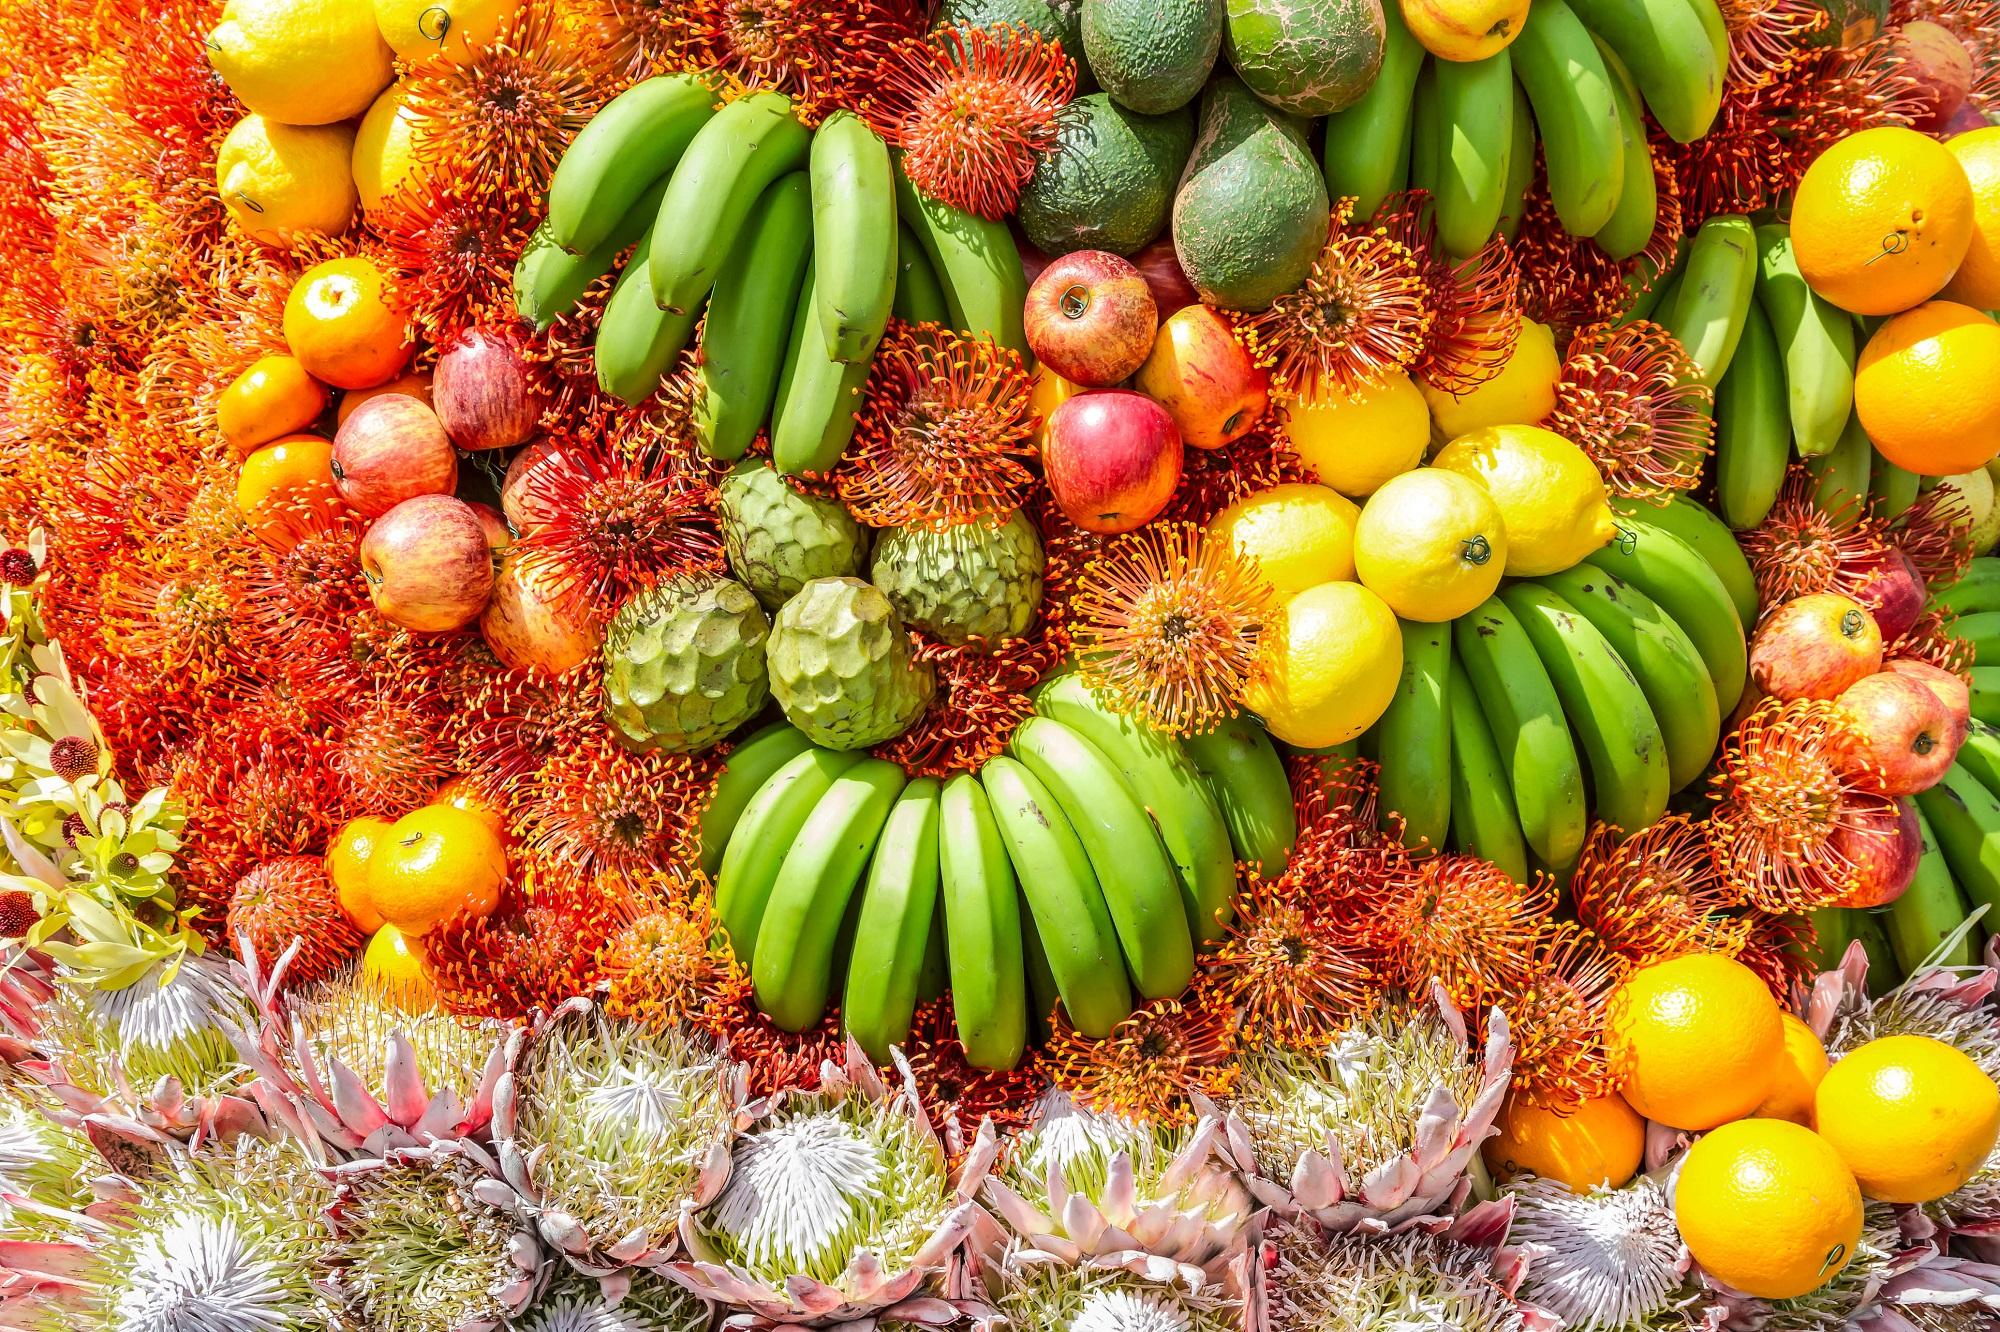 Madeiras Blumenfestival